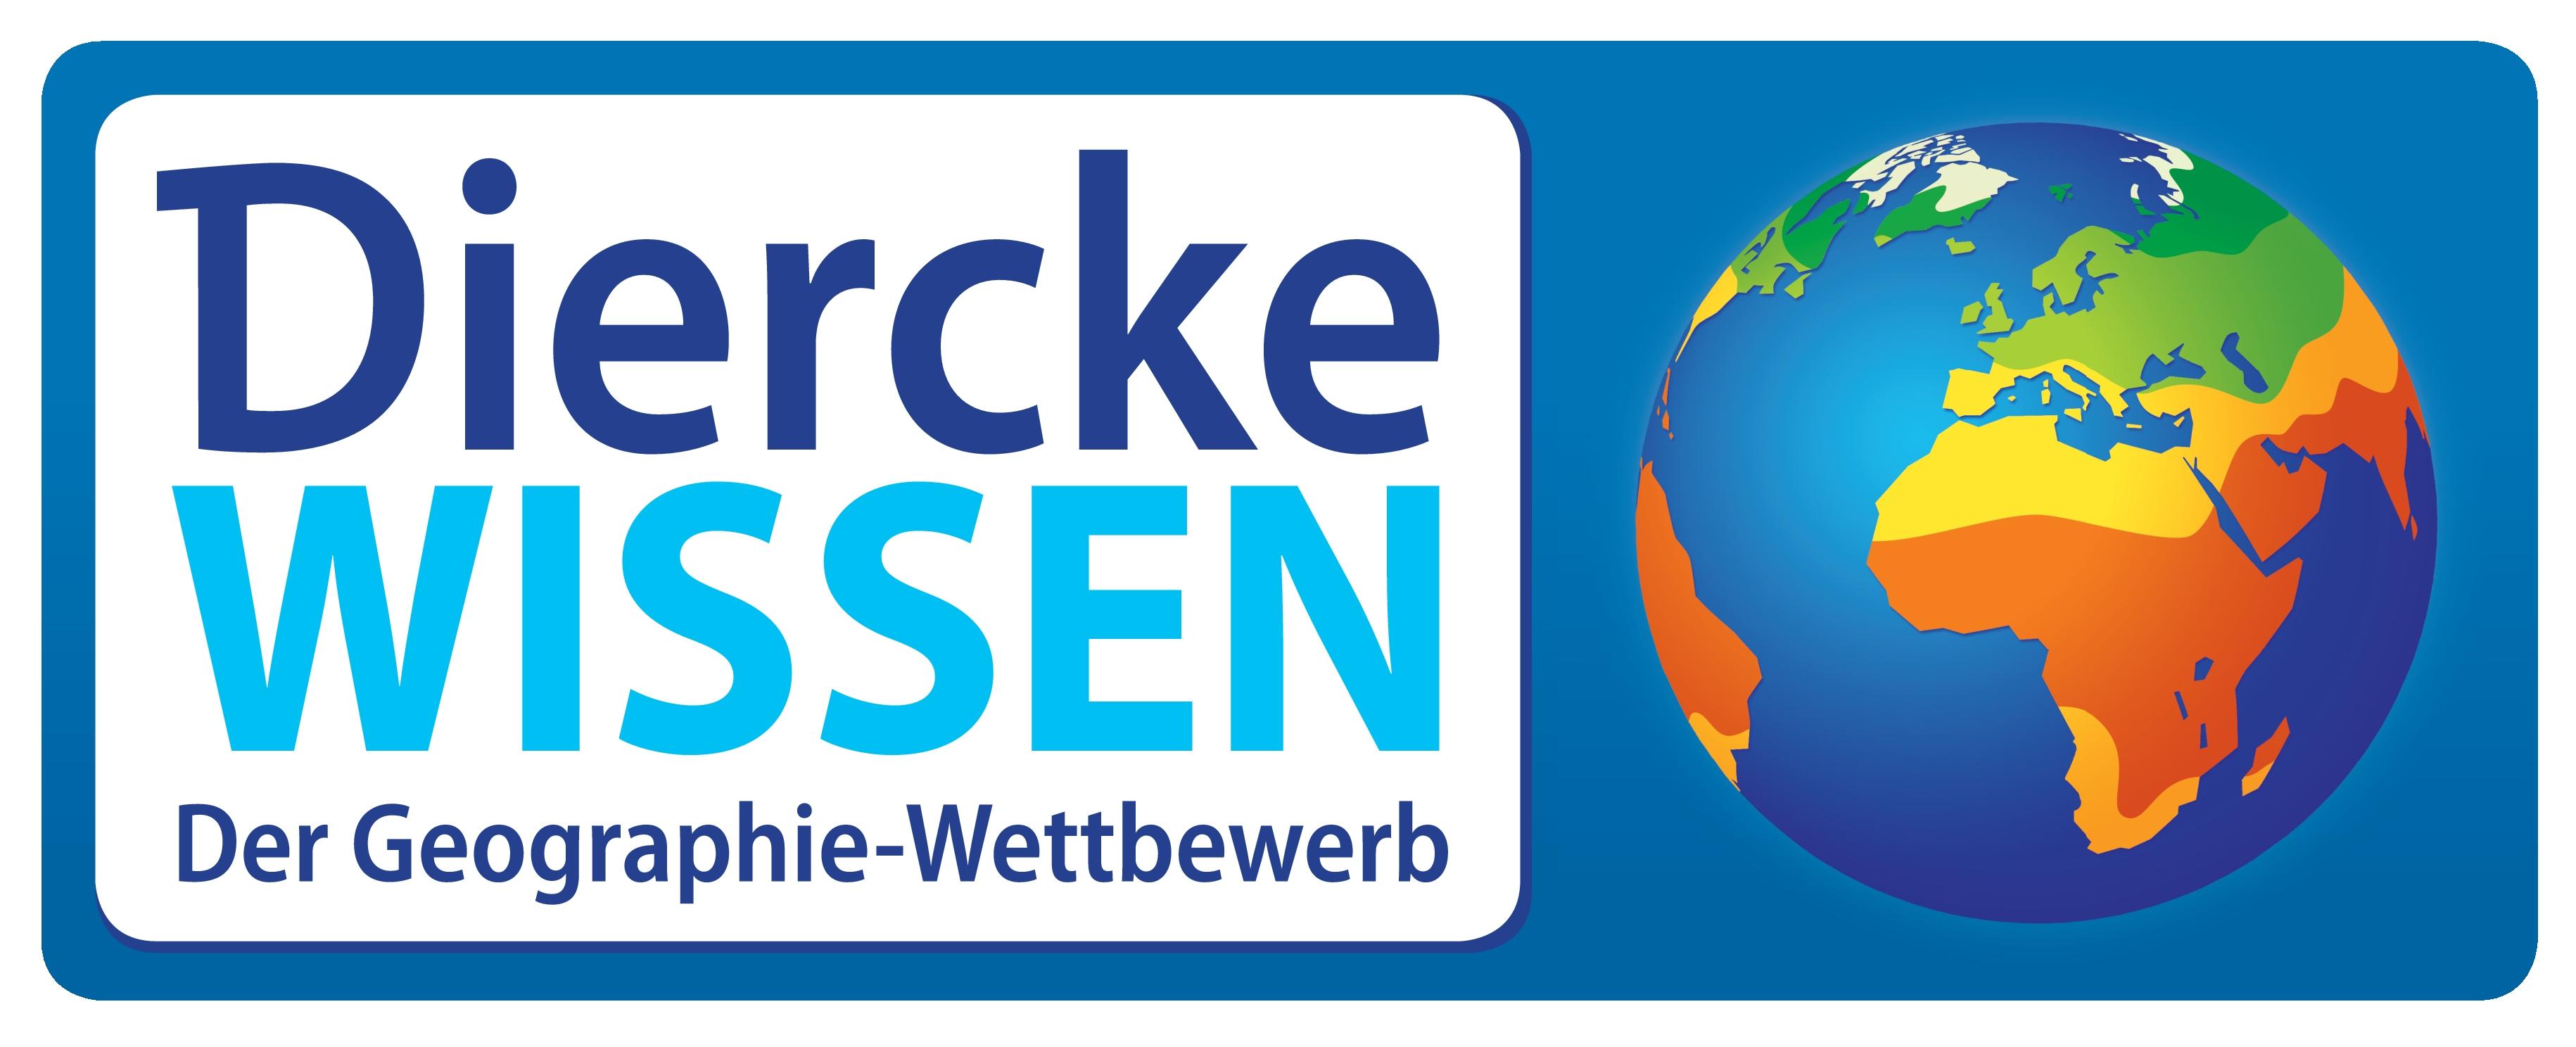 Blog - 201920 DierckeWettbewerb Bild 2